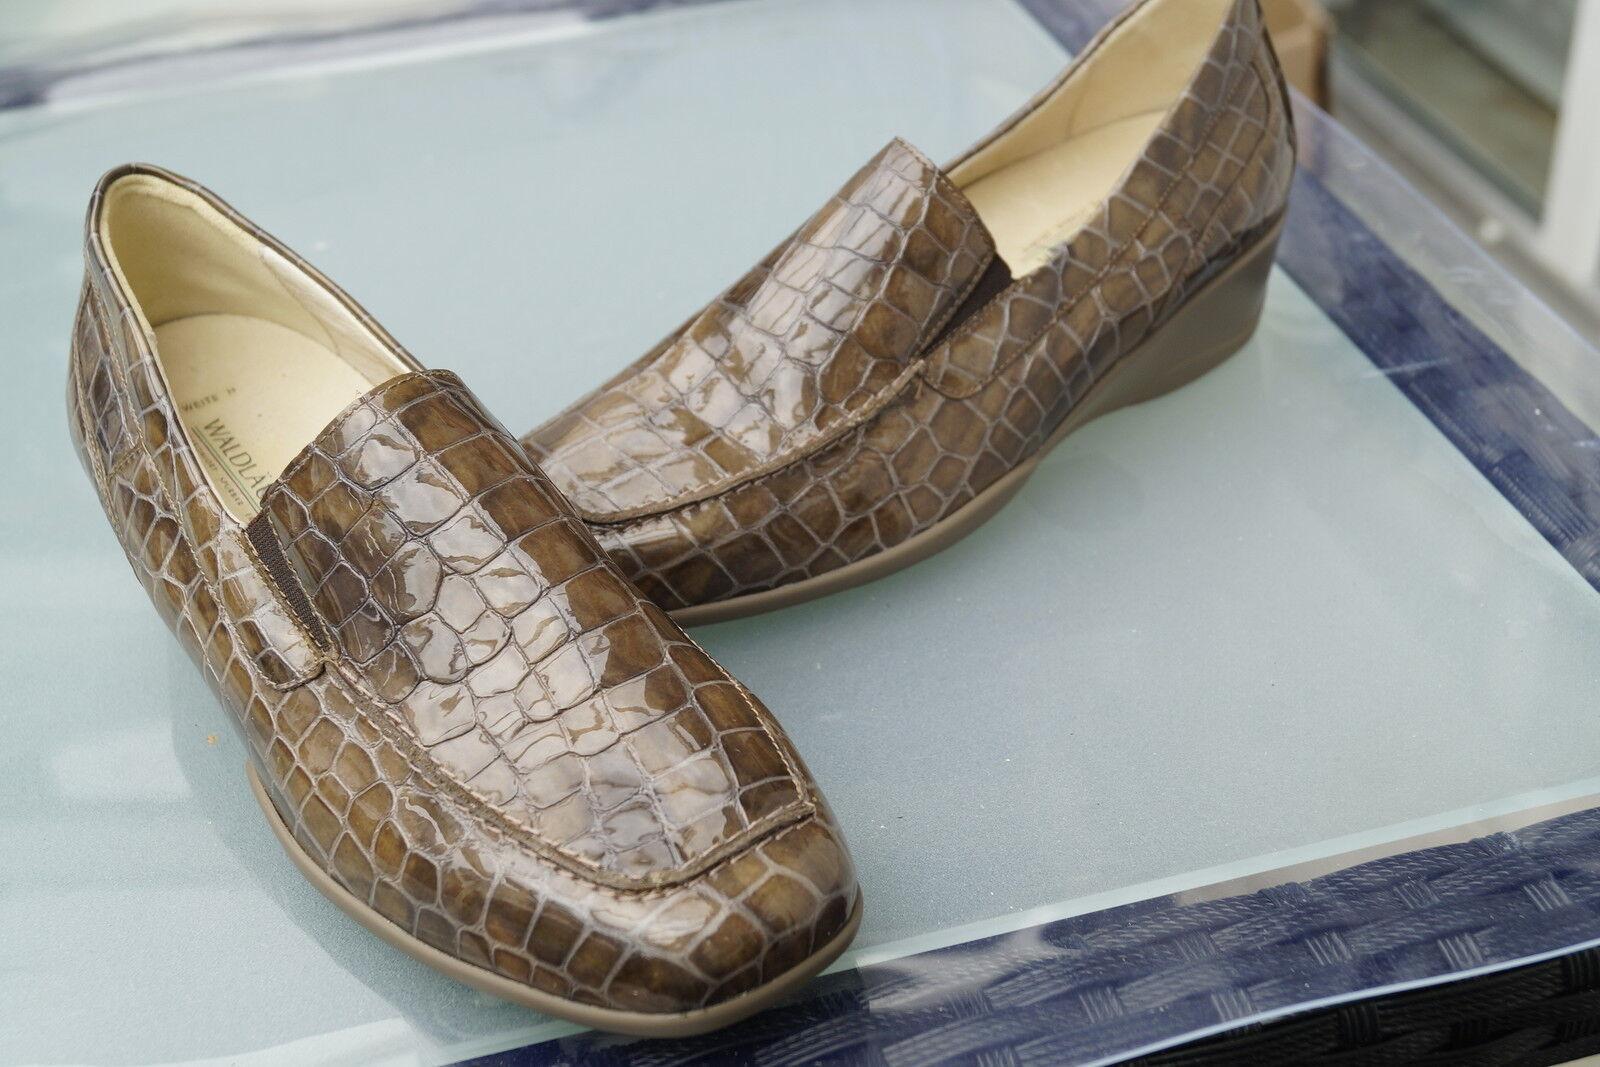 Rôdeur femmes Comfort chaussure pantoufles Mocassin Cuir dépôts Taille 4,5 H 37,5 Nouveau